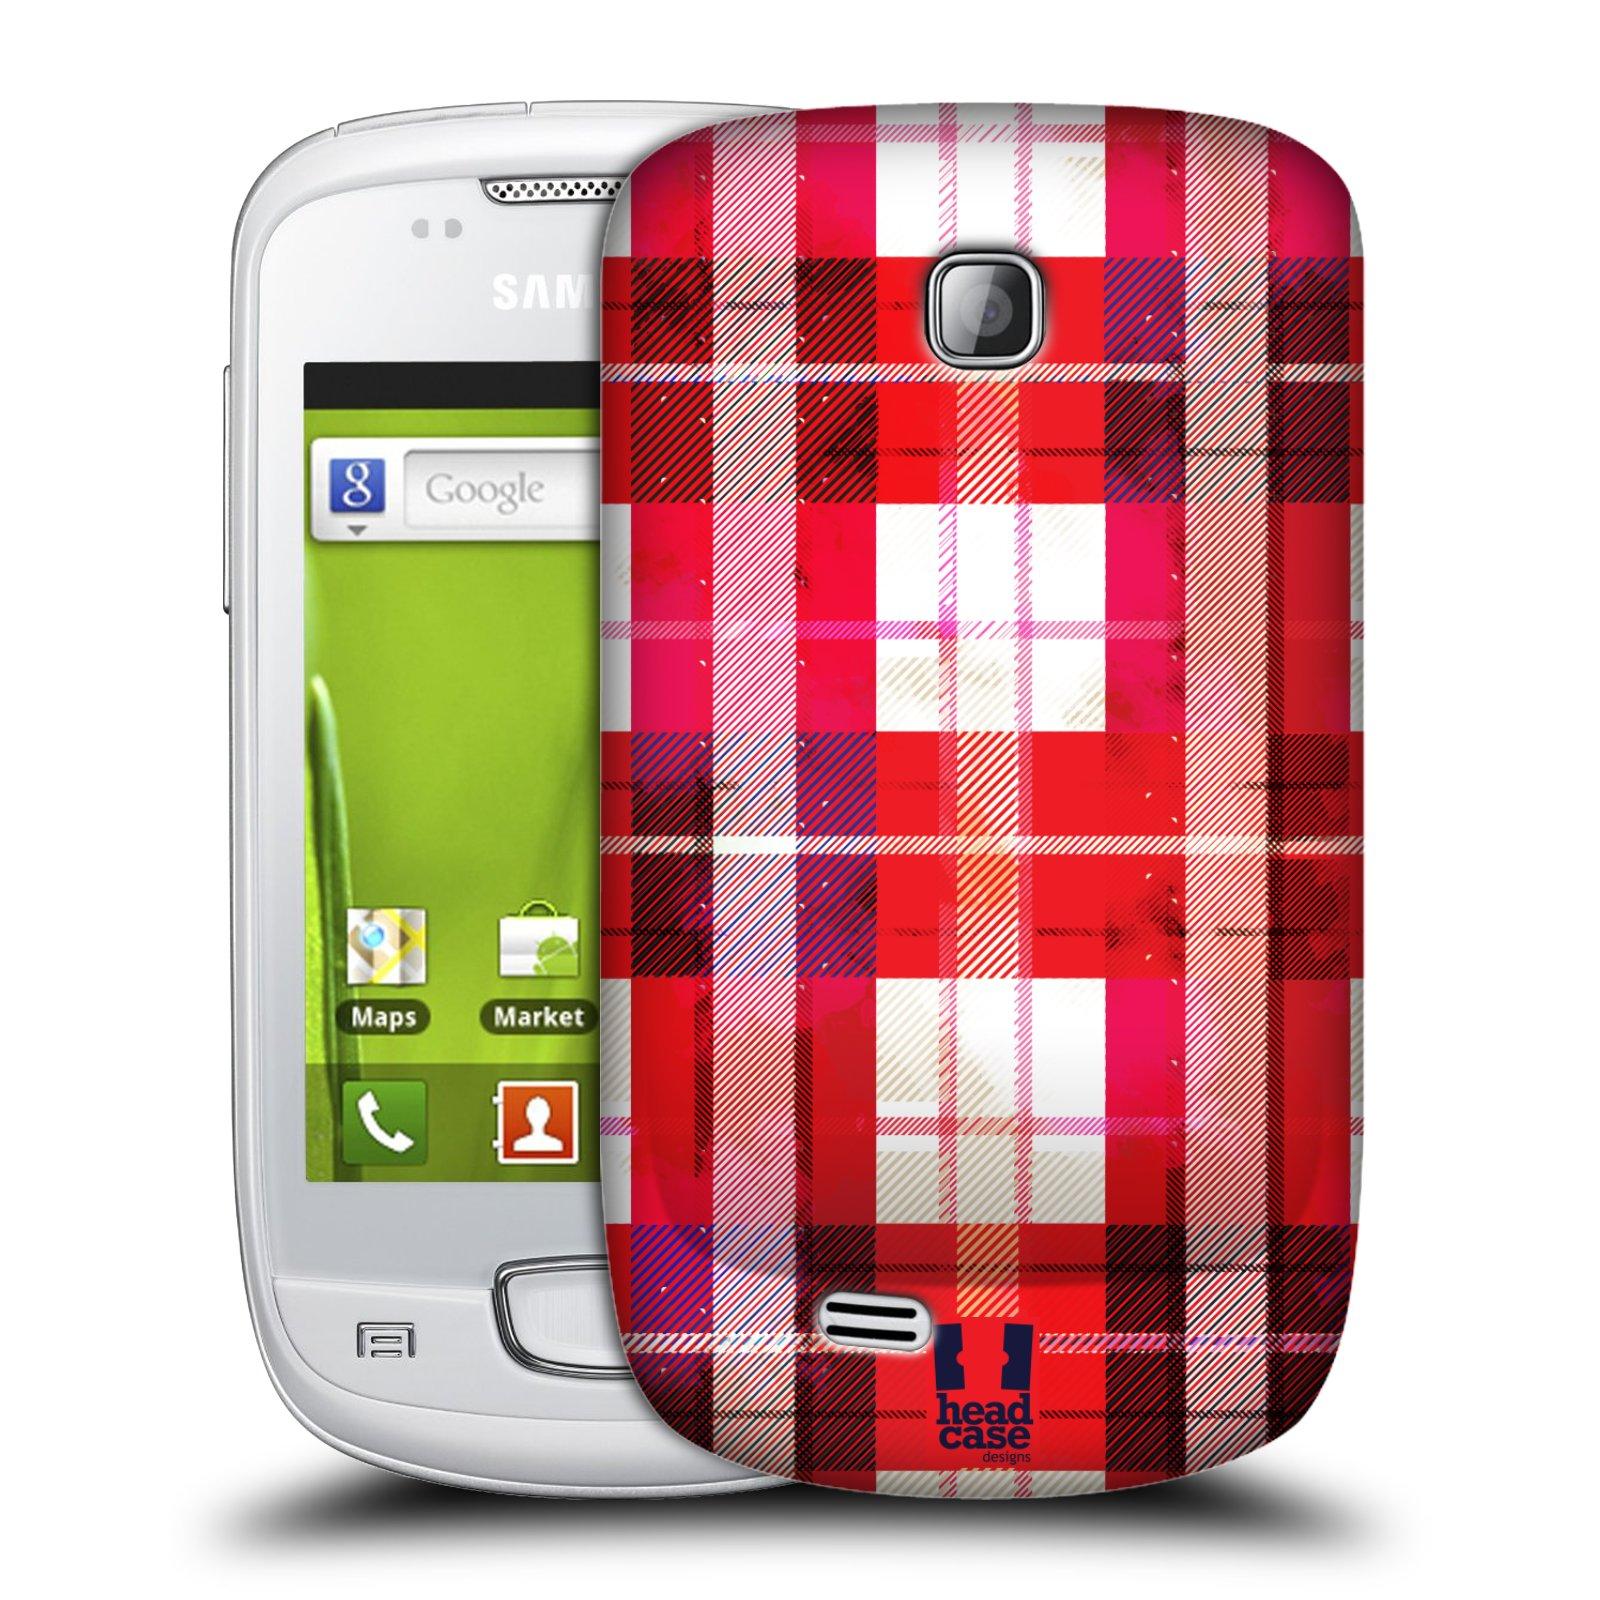 Plastové pouzdro na mobil Samsung Galaxy Mini HEAD CASE FLANEL RED (Kryt či obal na mobilní telefon Samsung Galaxy Mini GT-S5570 / GT-S5570i)